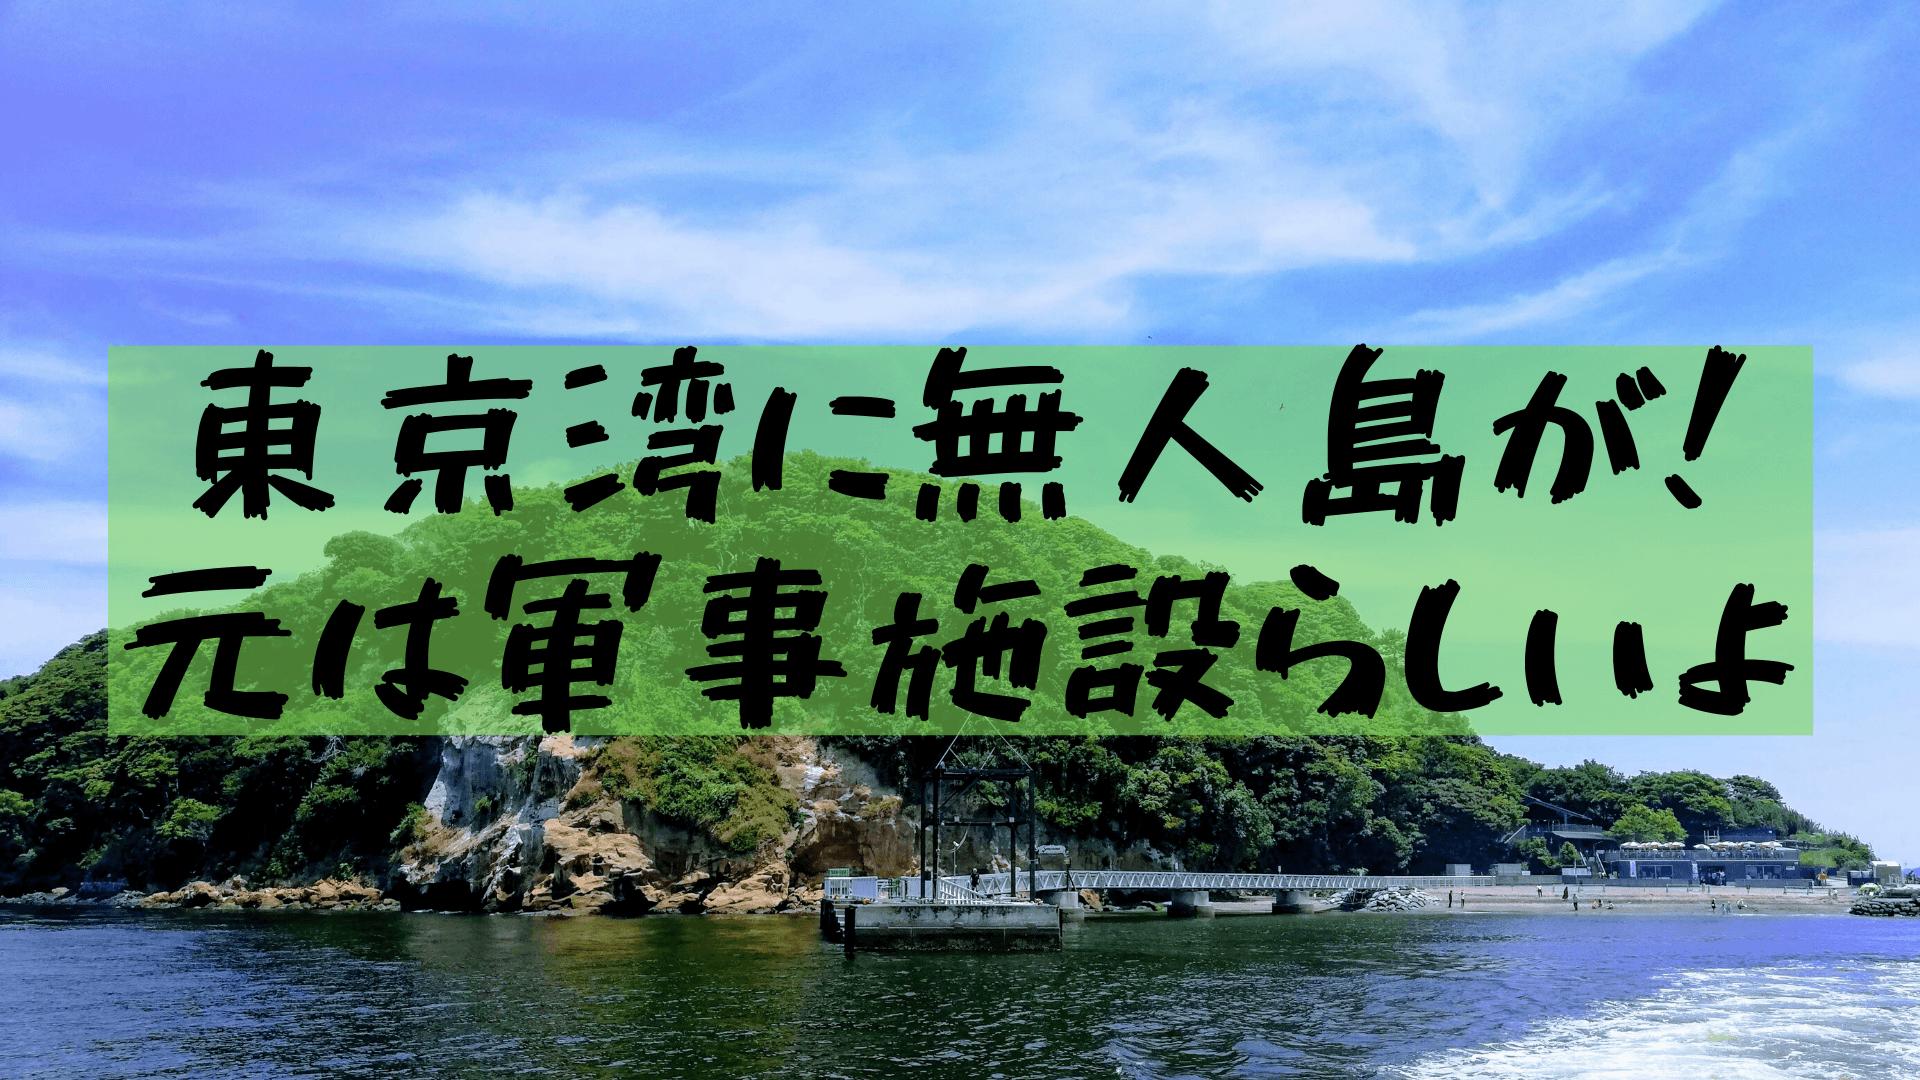 【無人島】東京湾に浮かぶ無人島「猿島」へはフェリーでしか行けない!